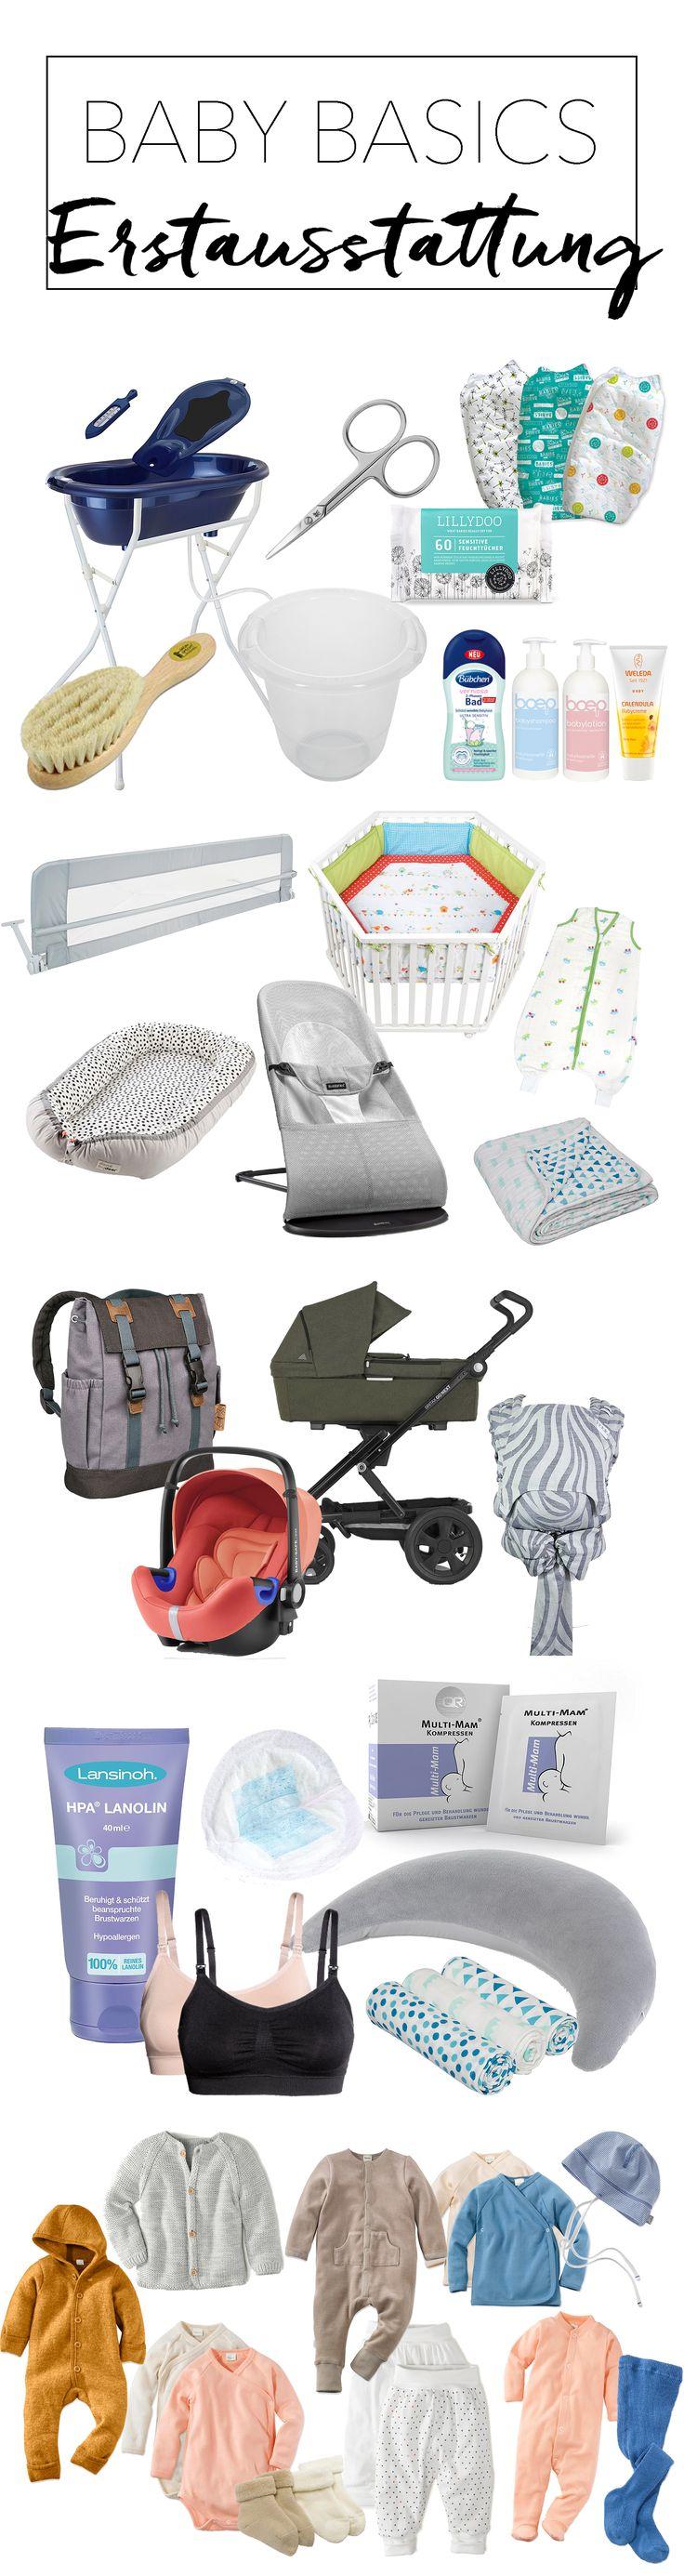 Erstausstattung für das Baby - Baby Basics. Die schönsten Kinderwagen, Pflegeprodukte und Hilfe zum Stillen. Was benötigt man an Kleidung?